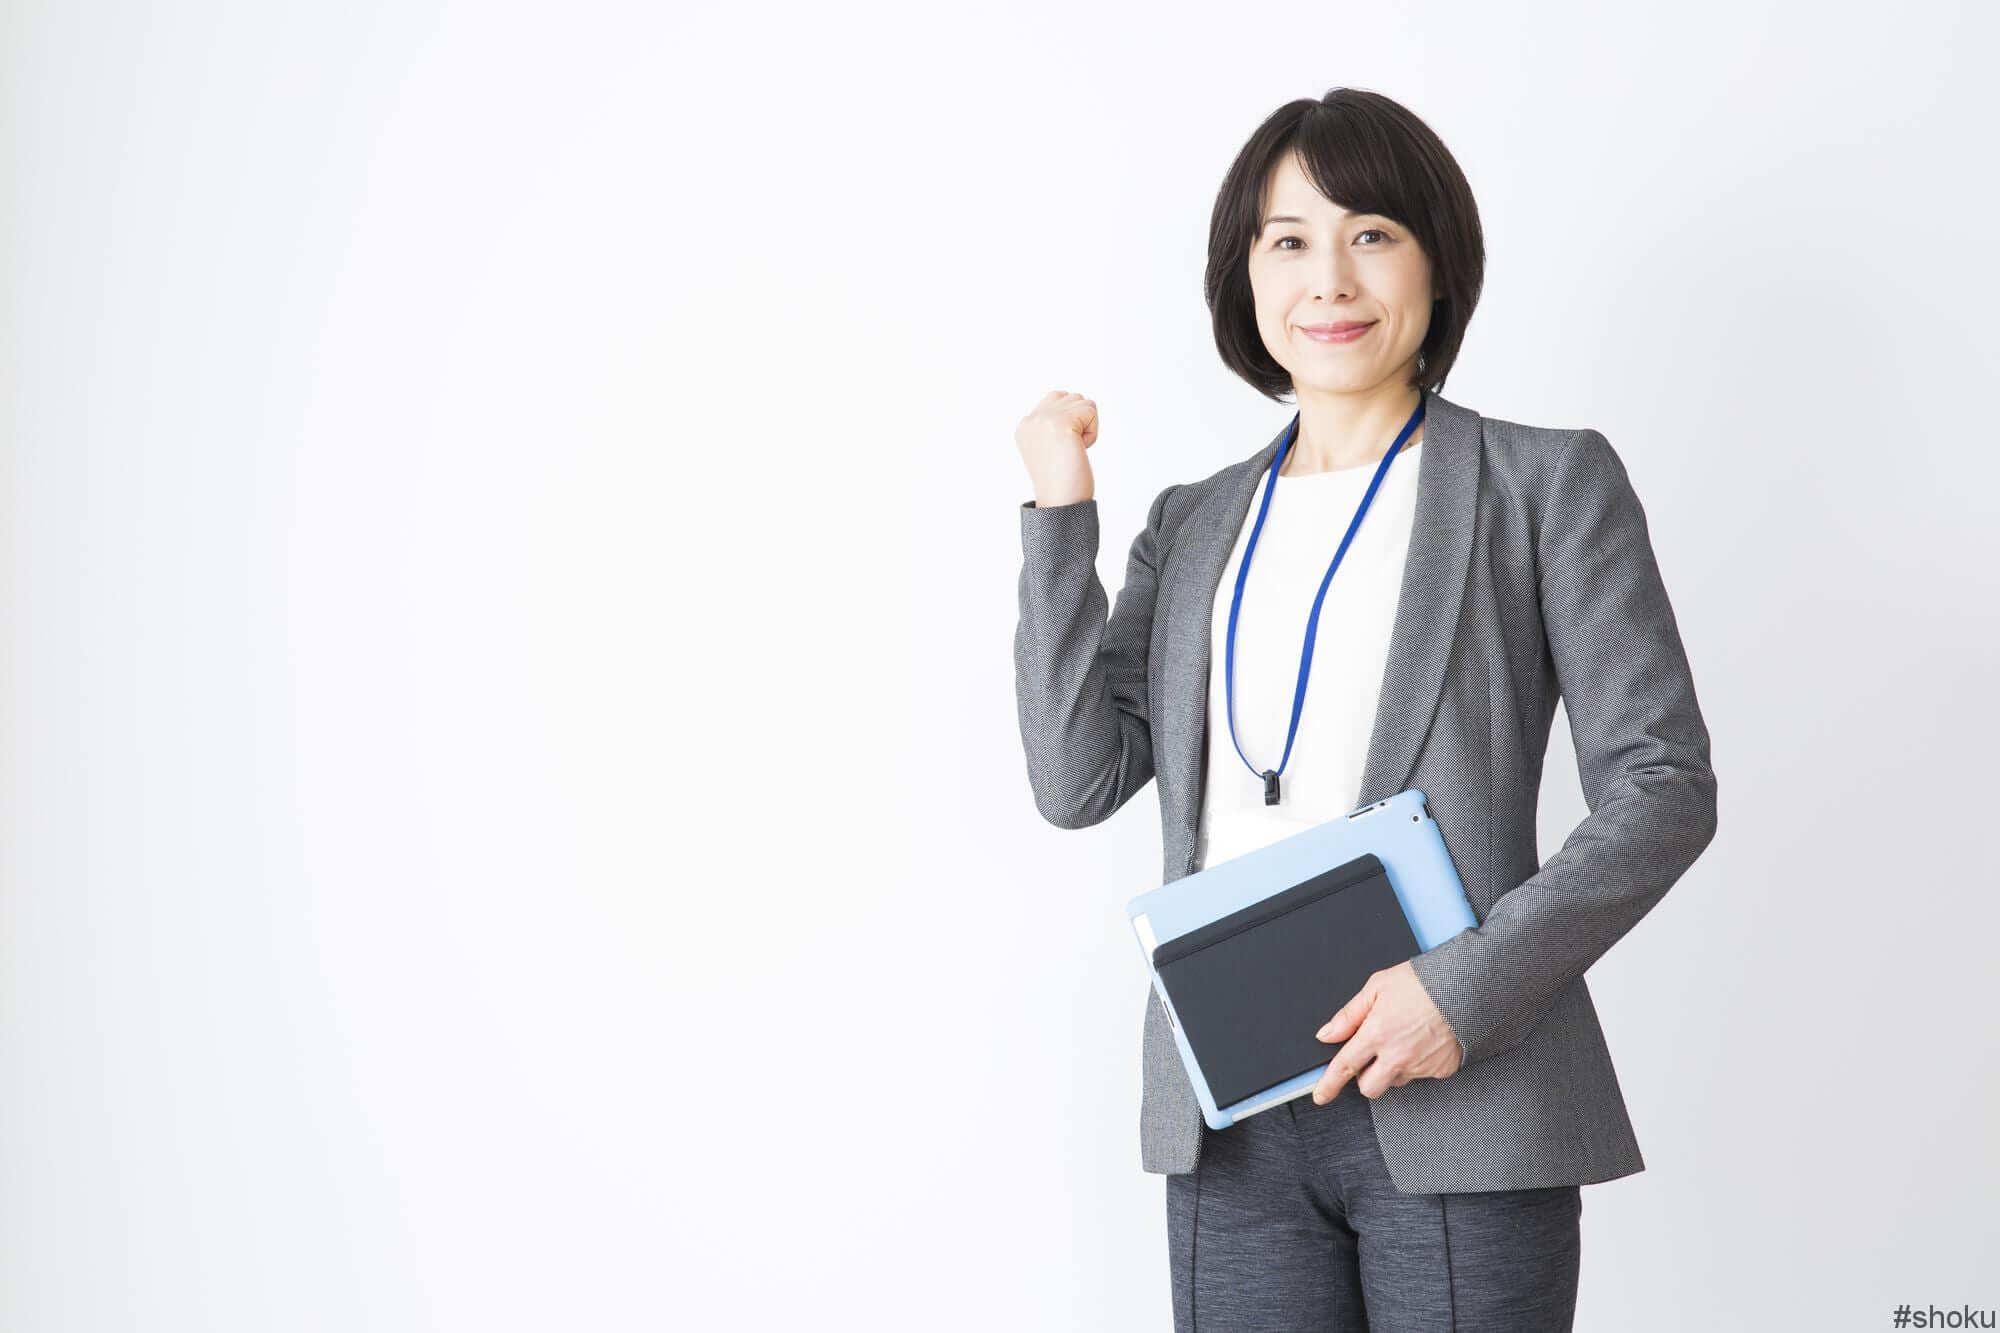 40代は転職エージェントを使って有意義に転職活動をしよう